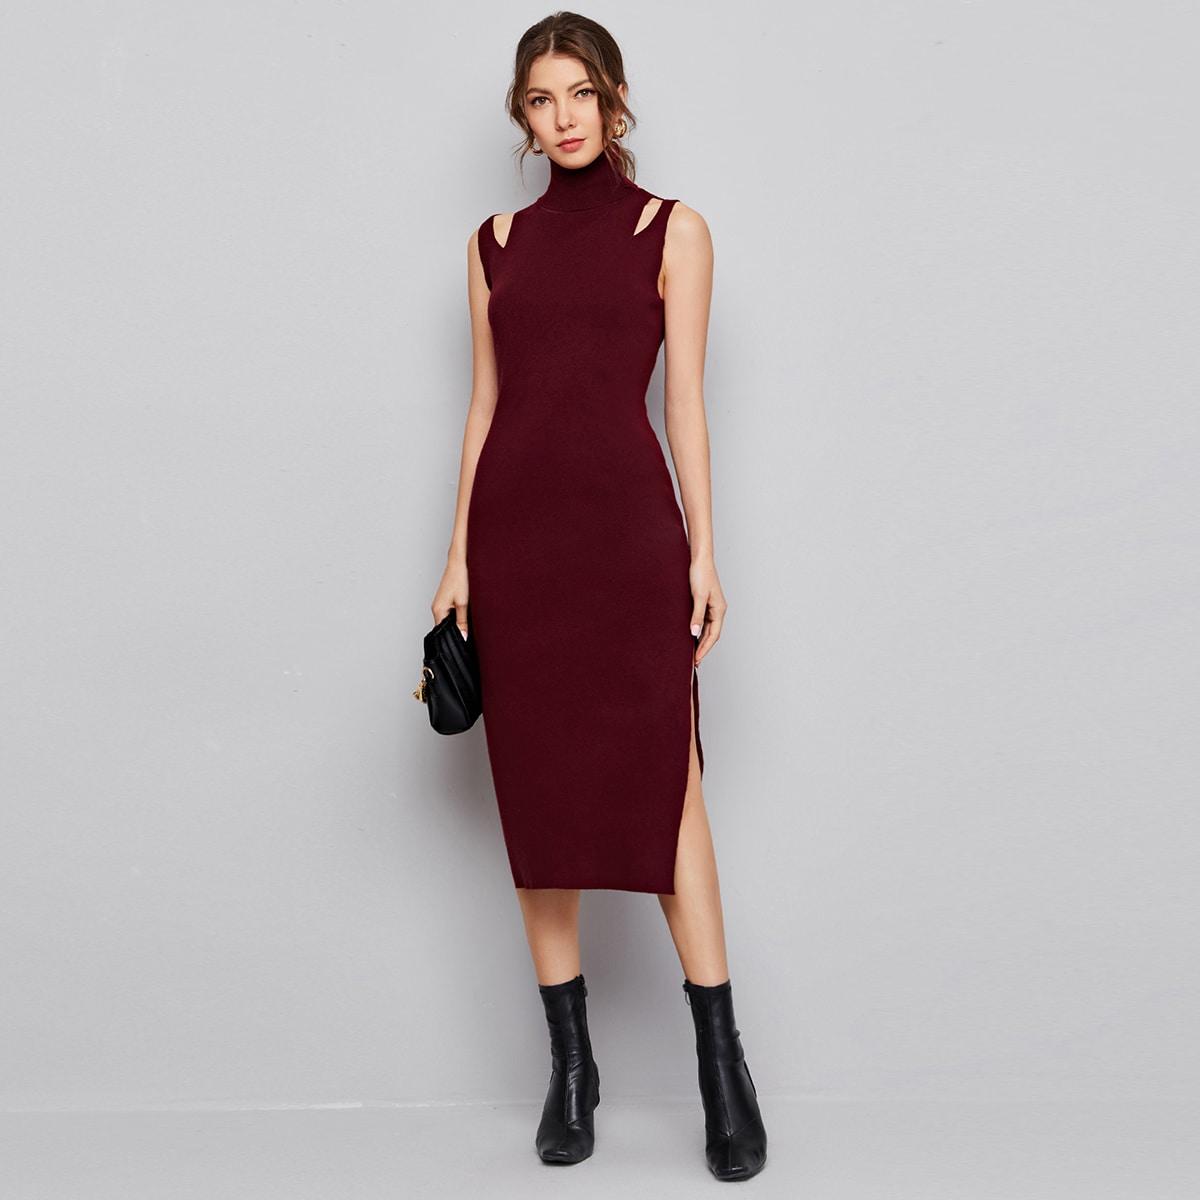 High Neck Cutout Sleeveless Sweater Dress